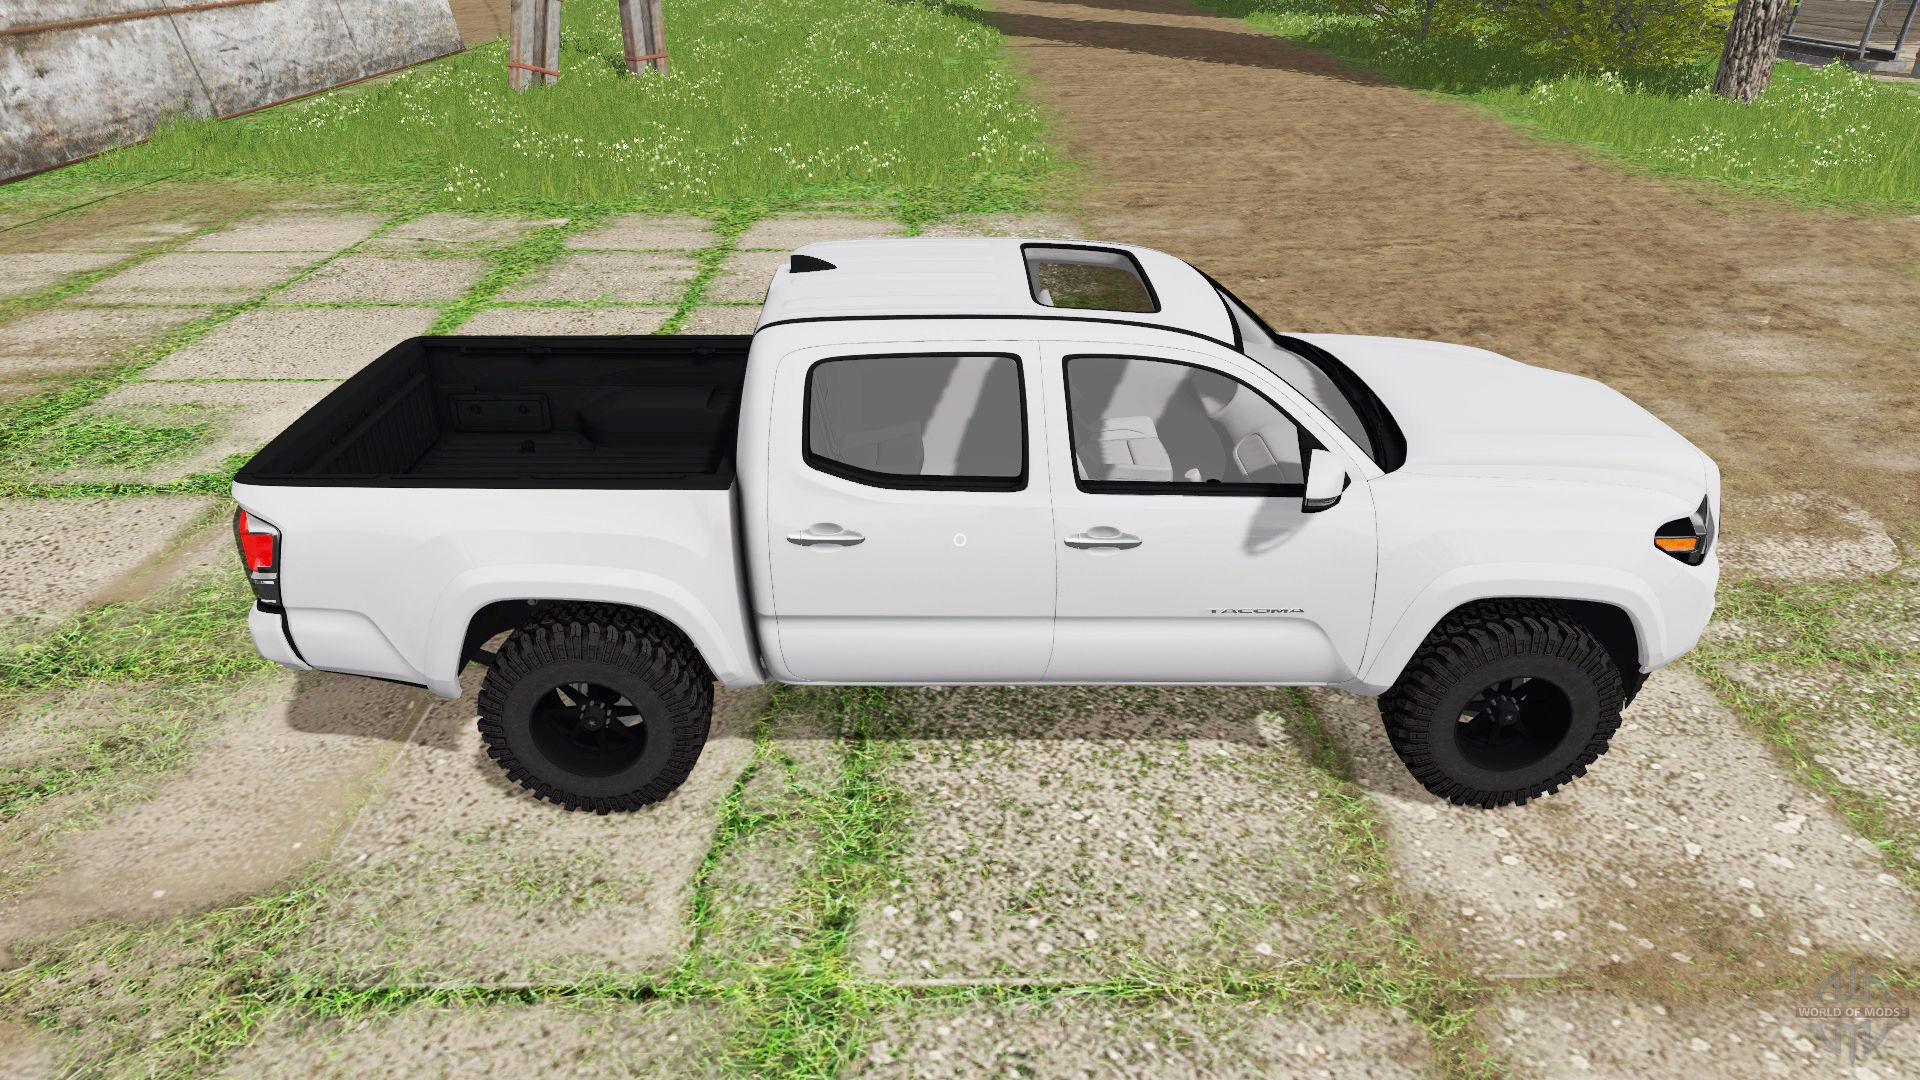 toyota tacoma double cab 2016 fs17 farming simulator 17 2017 mod. Black Bedroom Furniture Sets. Home Design Ideas